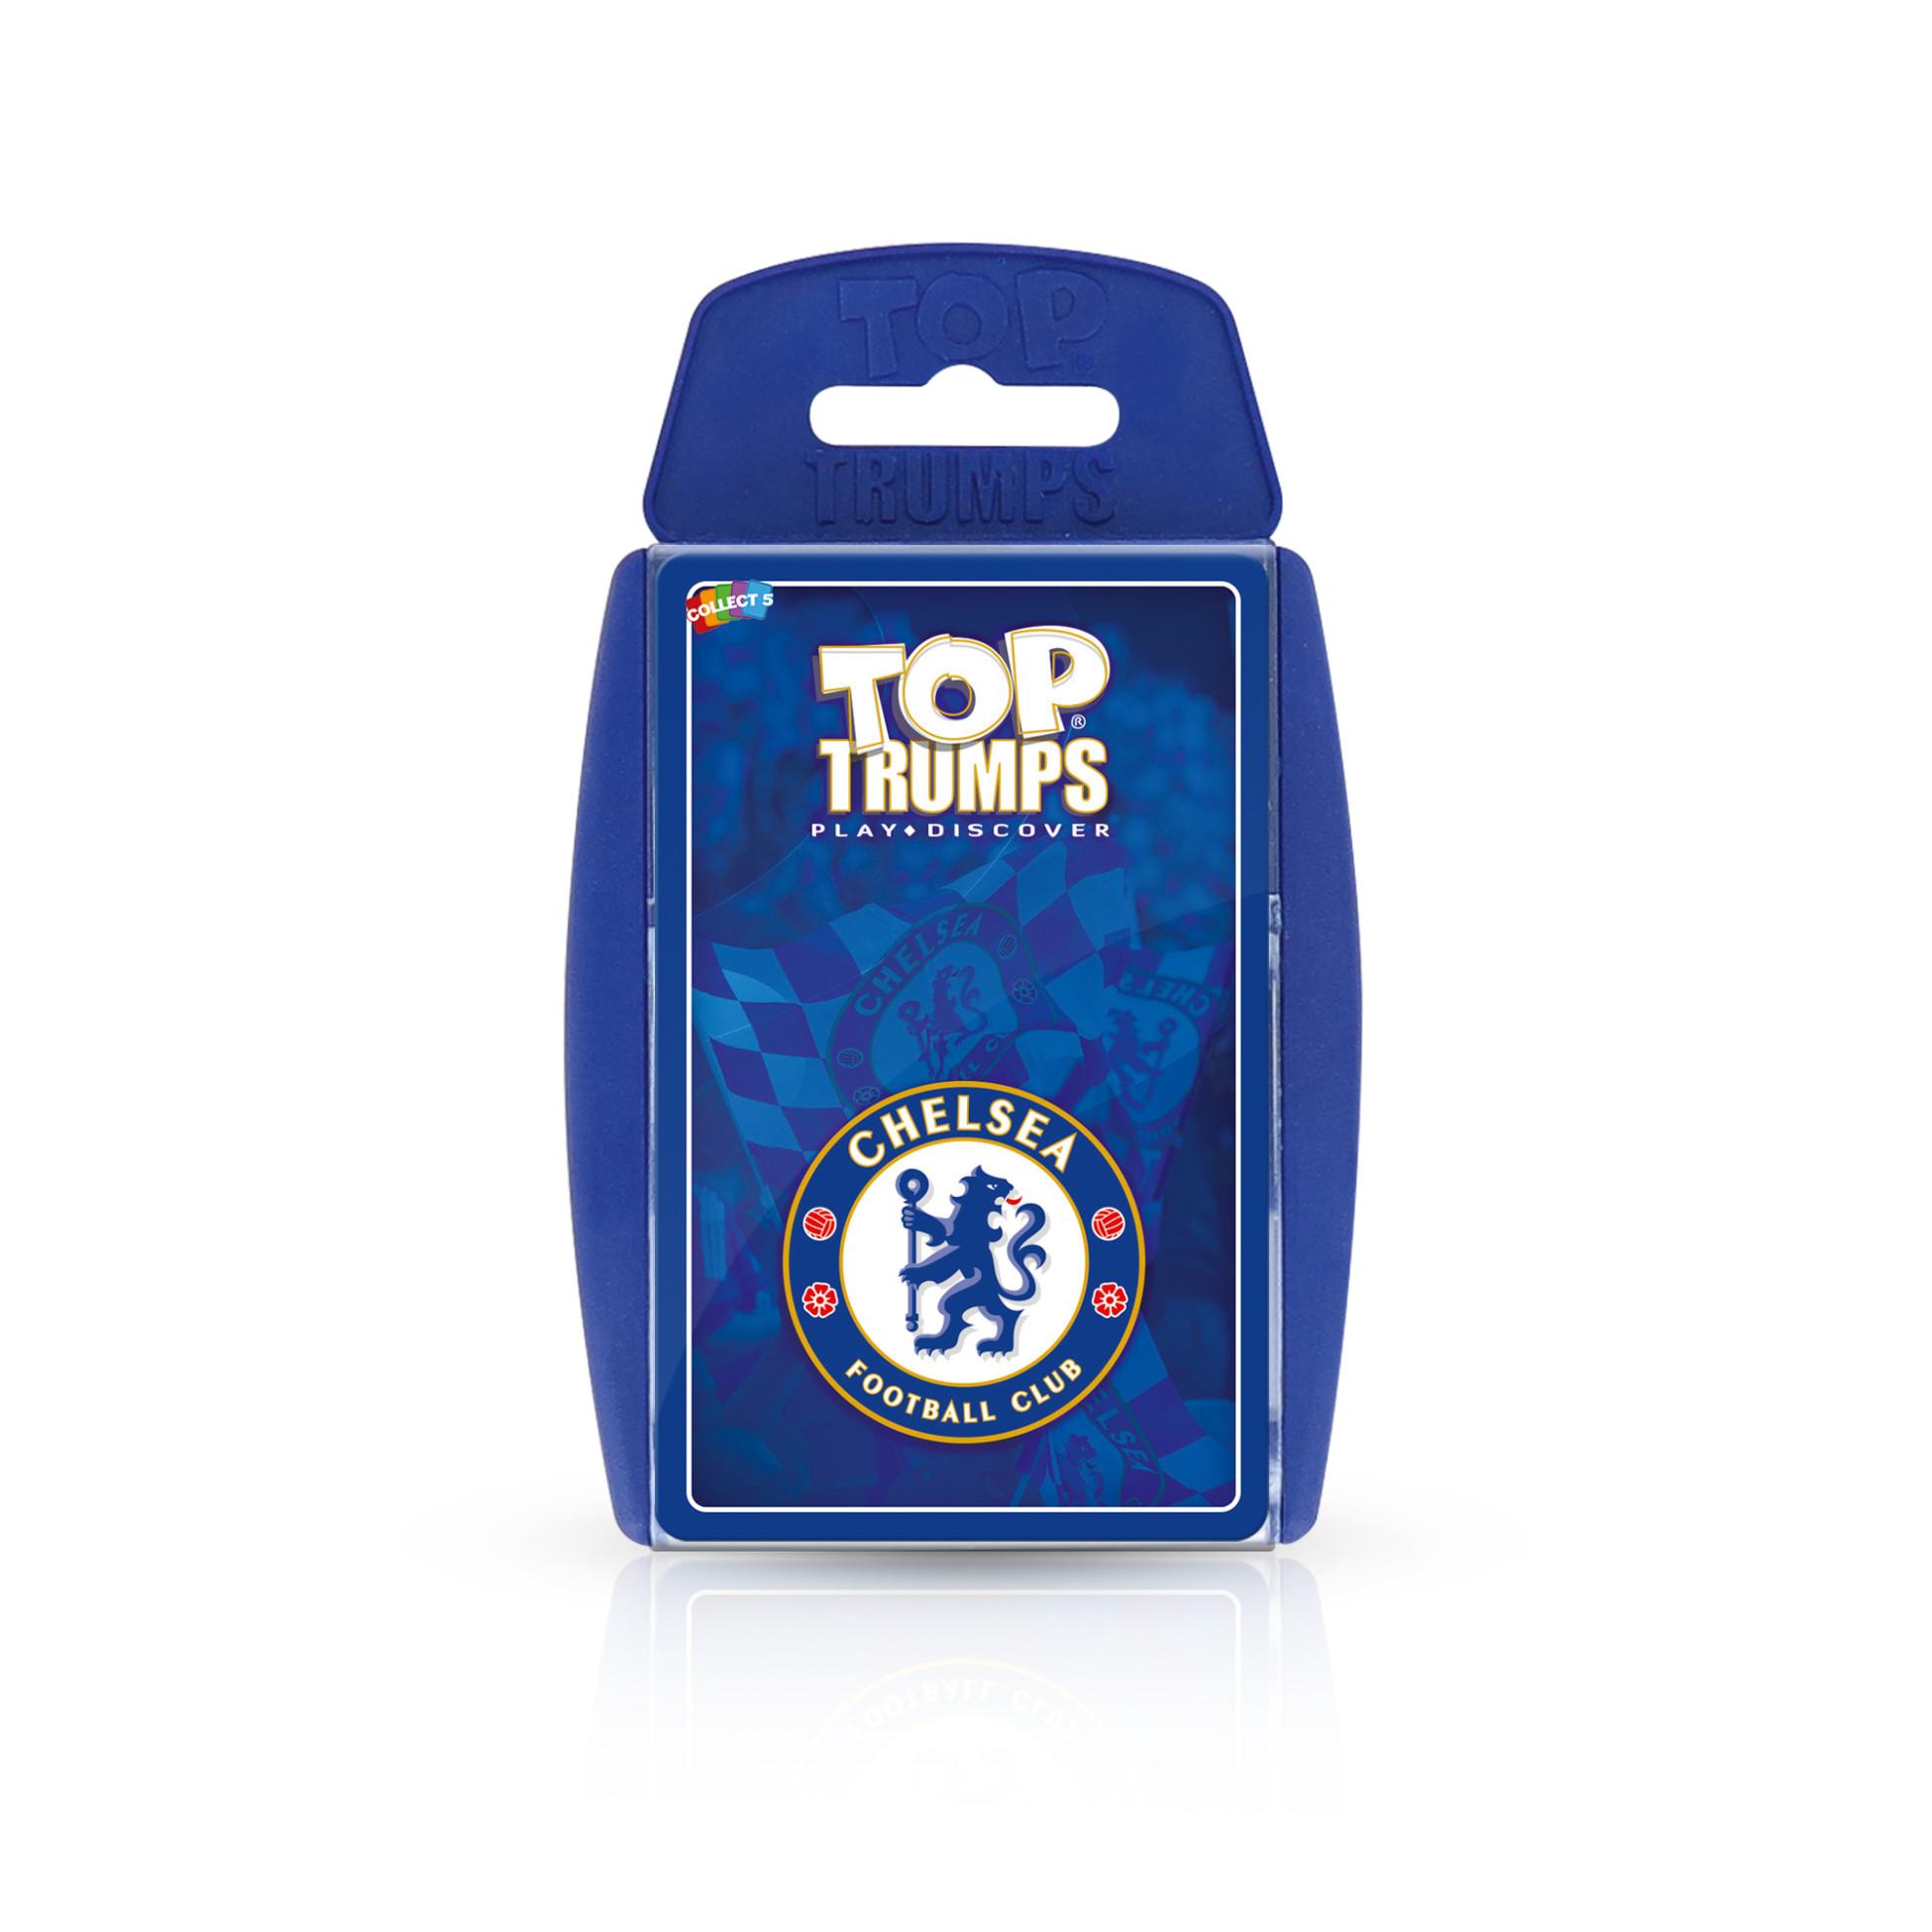 Top Trumps - Chelsea FC 2018/2019